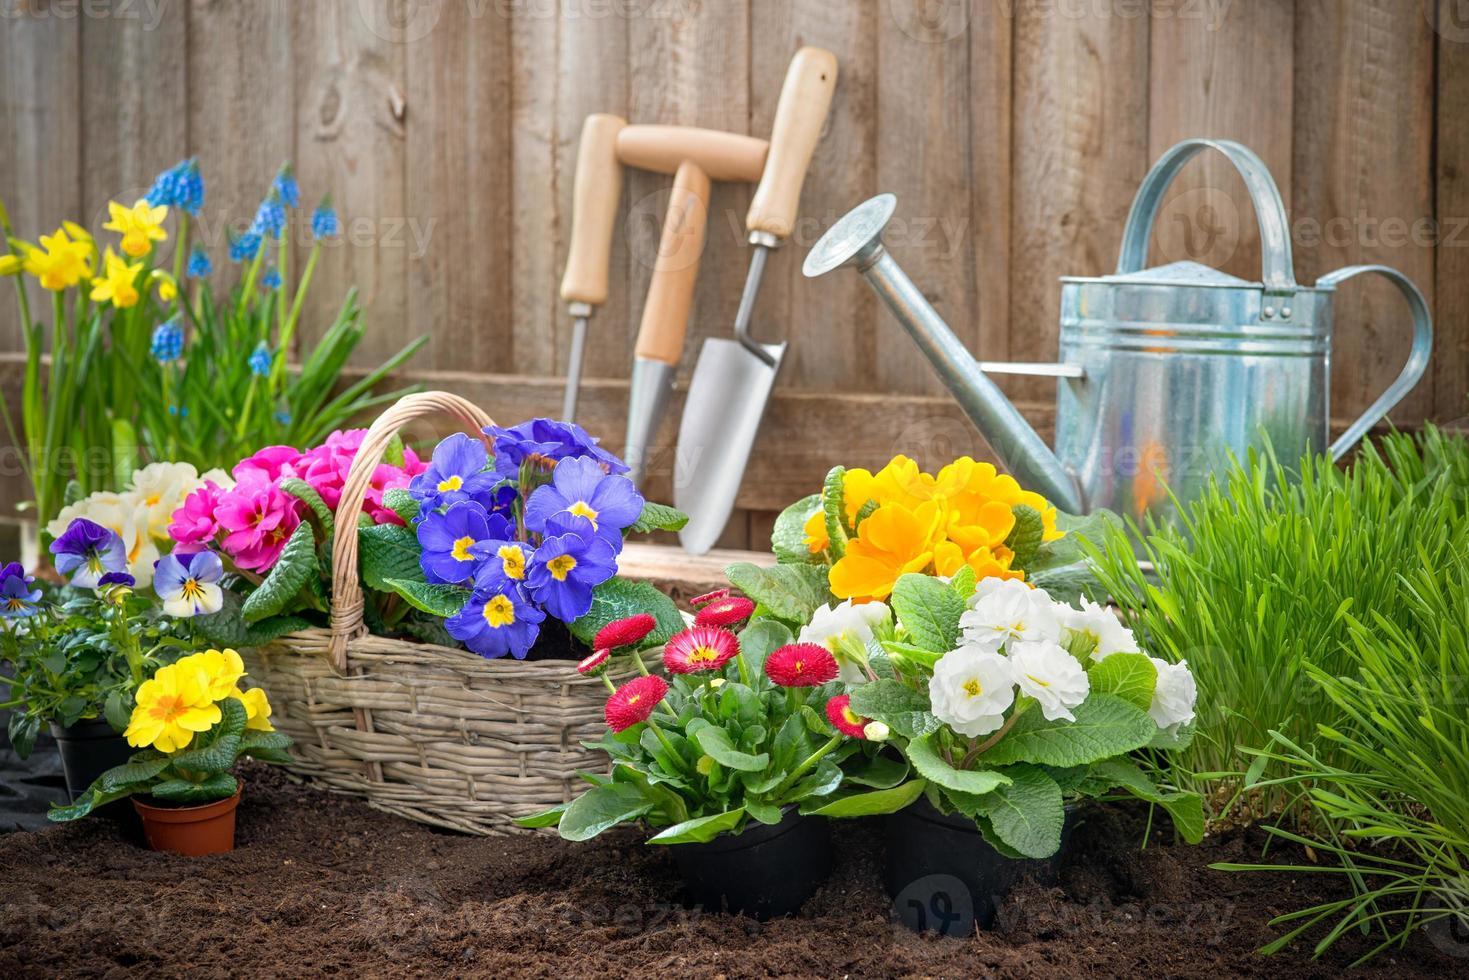 jardinier planter des fleurs photo